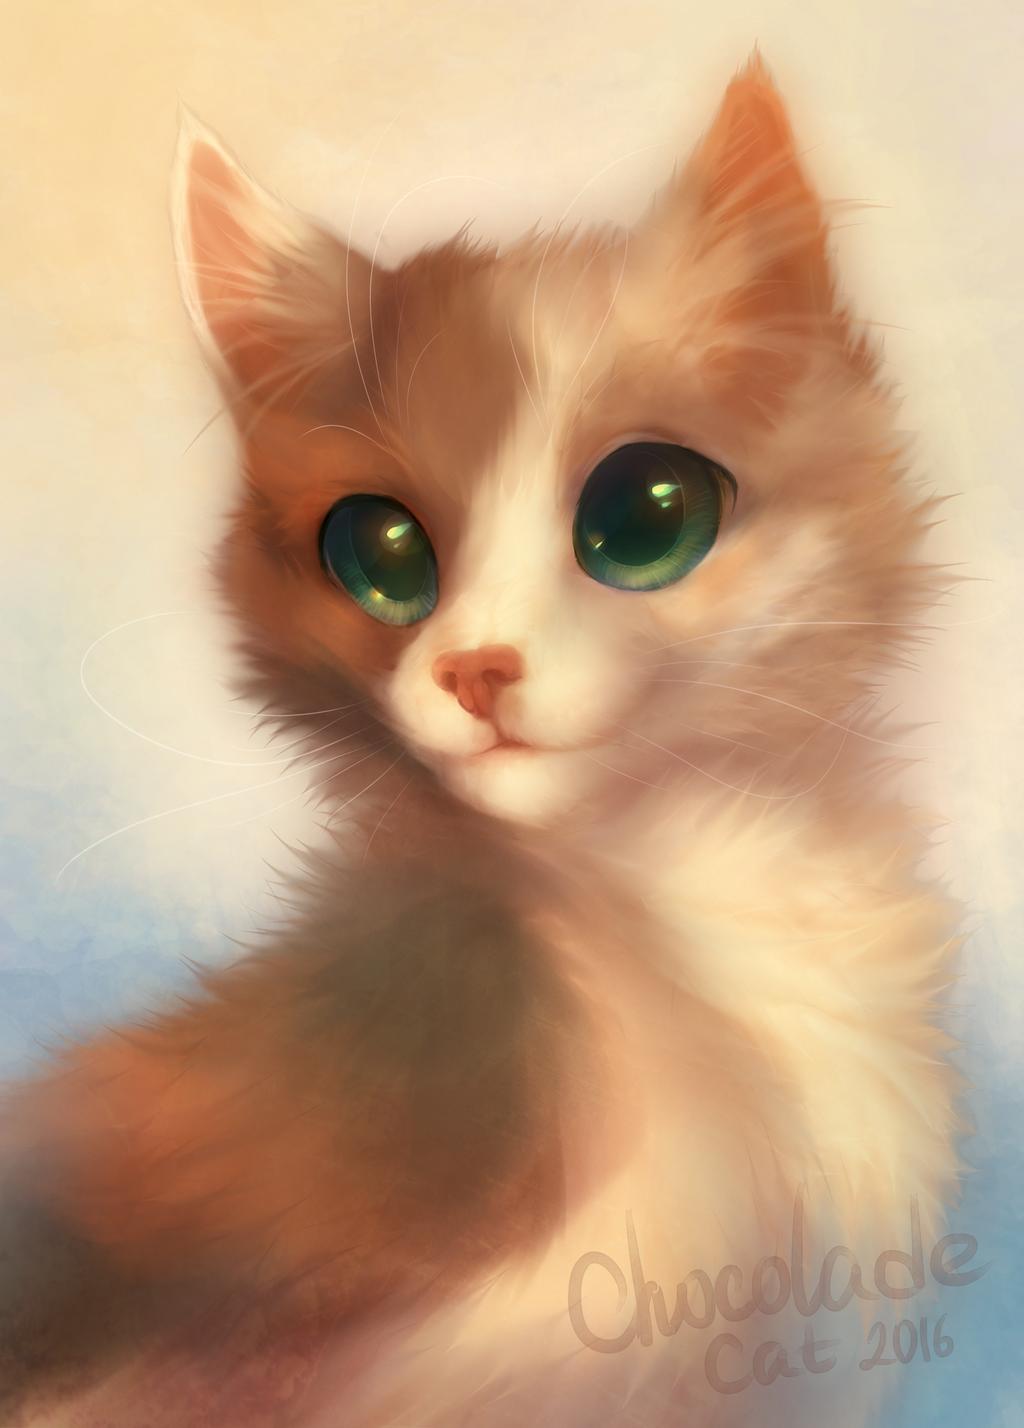 картинки рыжего кота с зелеными глазами мультяшного того, внешний